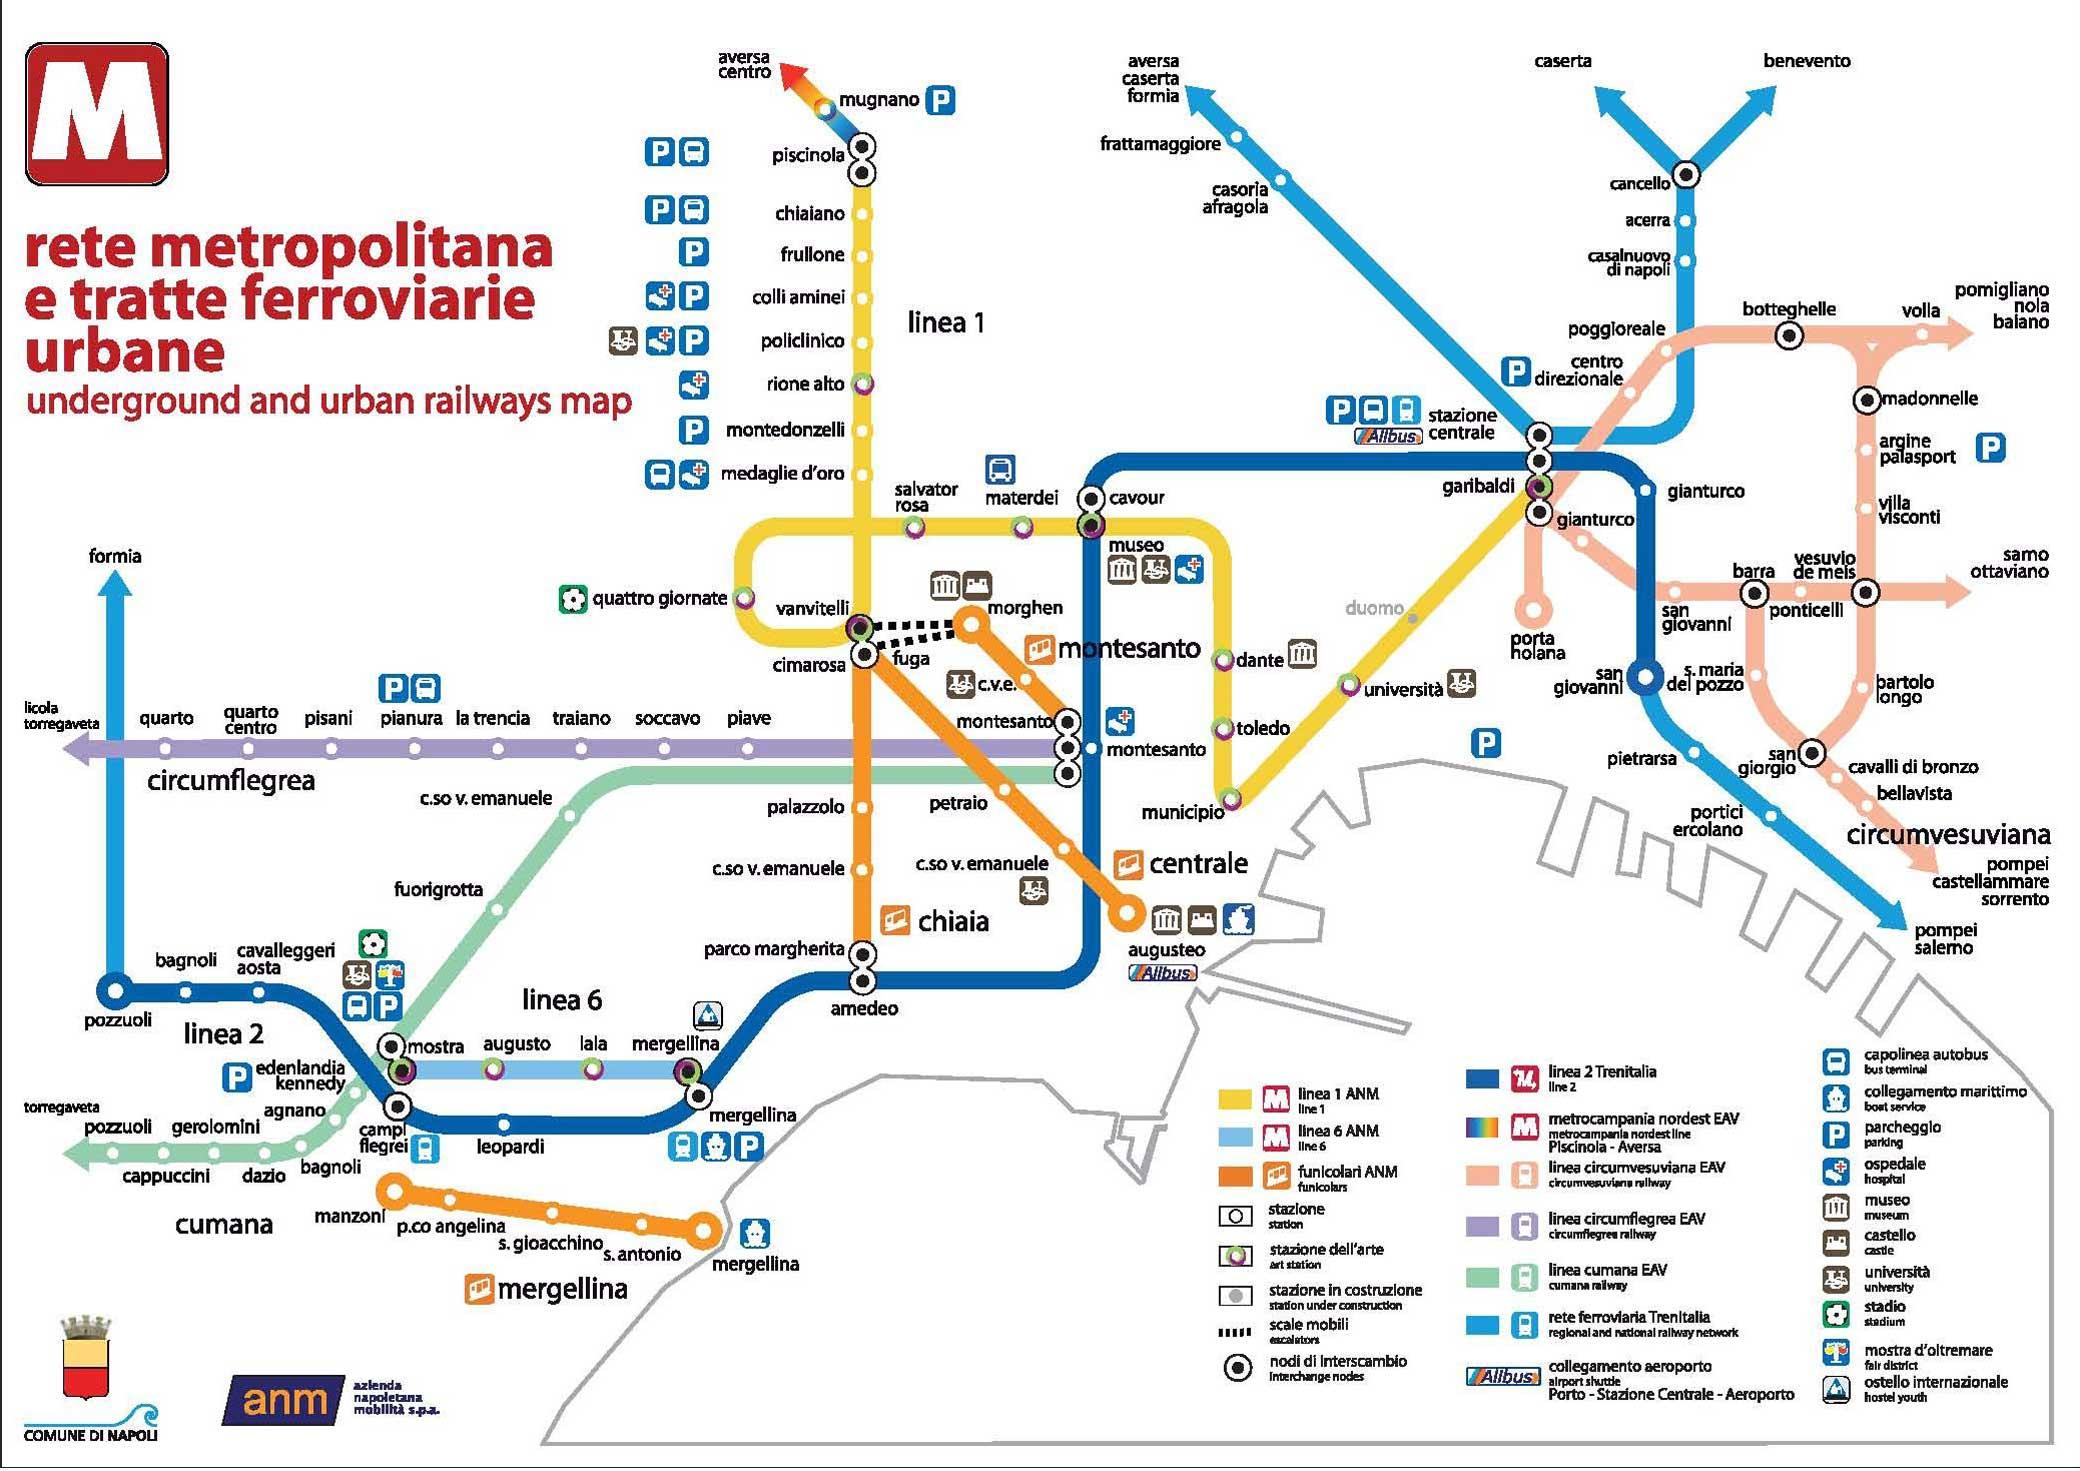 Come muoversi a Napoli - mappa dei trasporti a Napoli